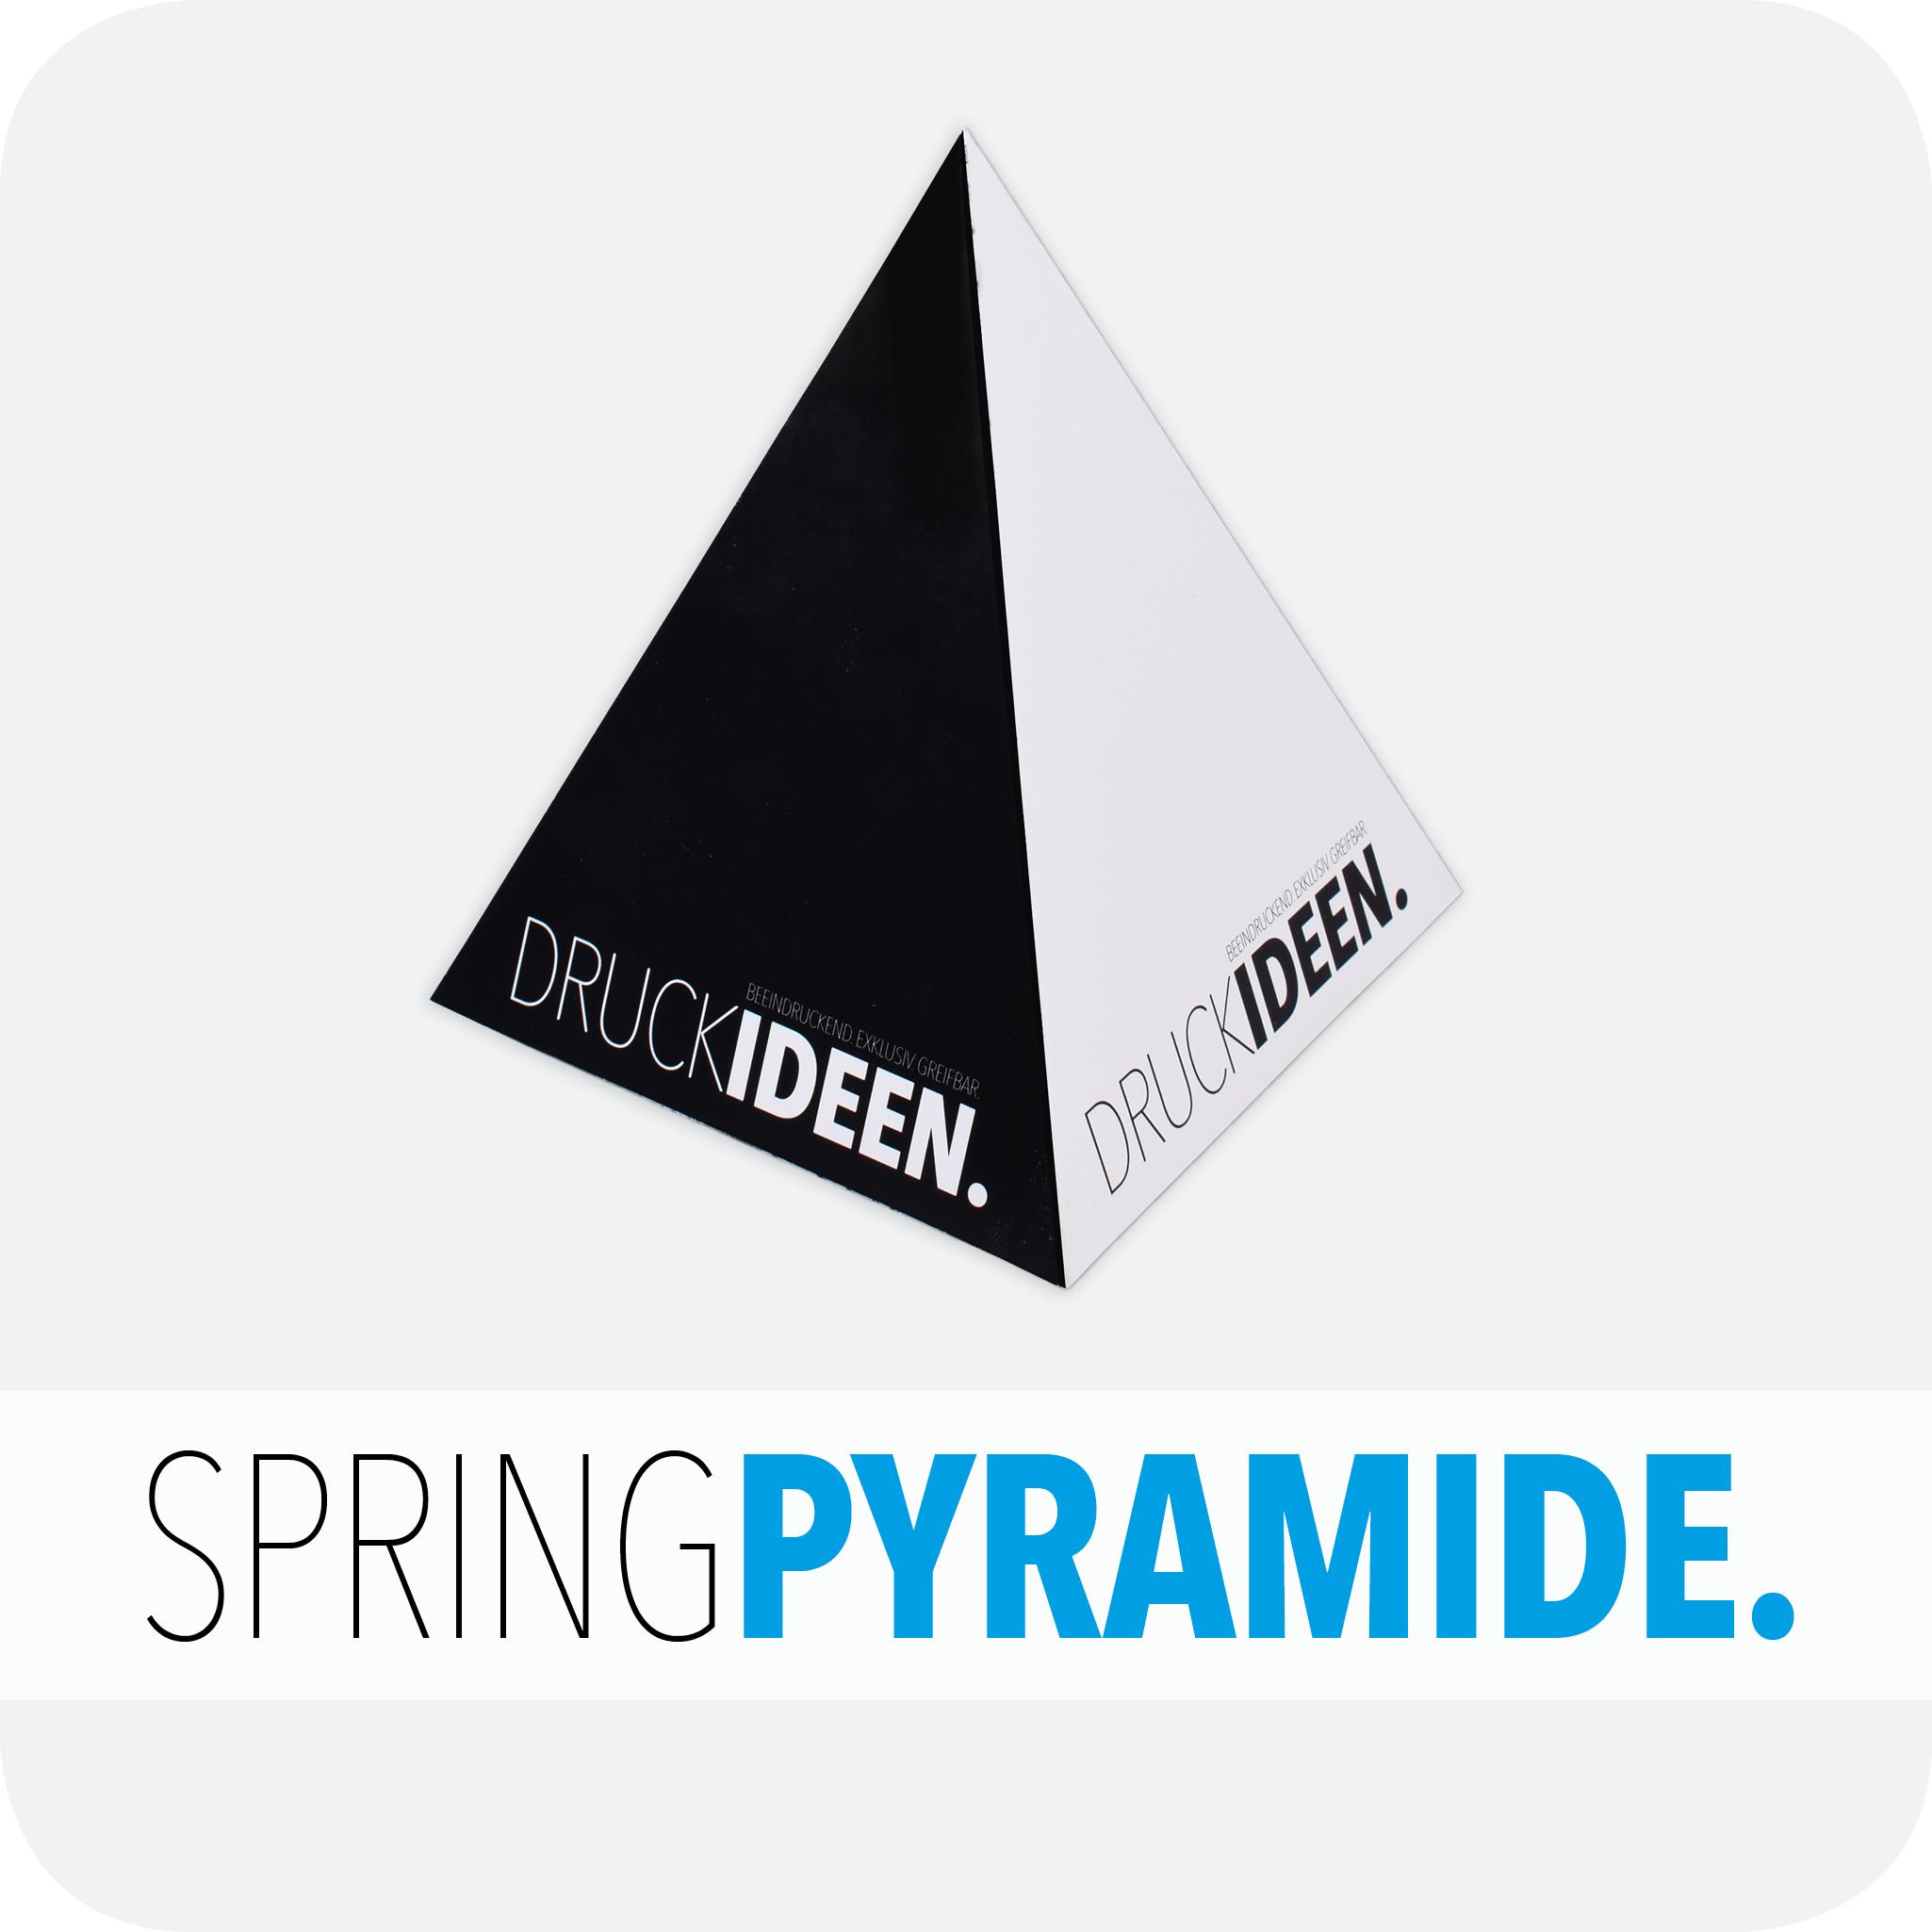 Springpyramide